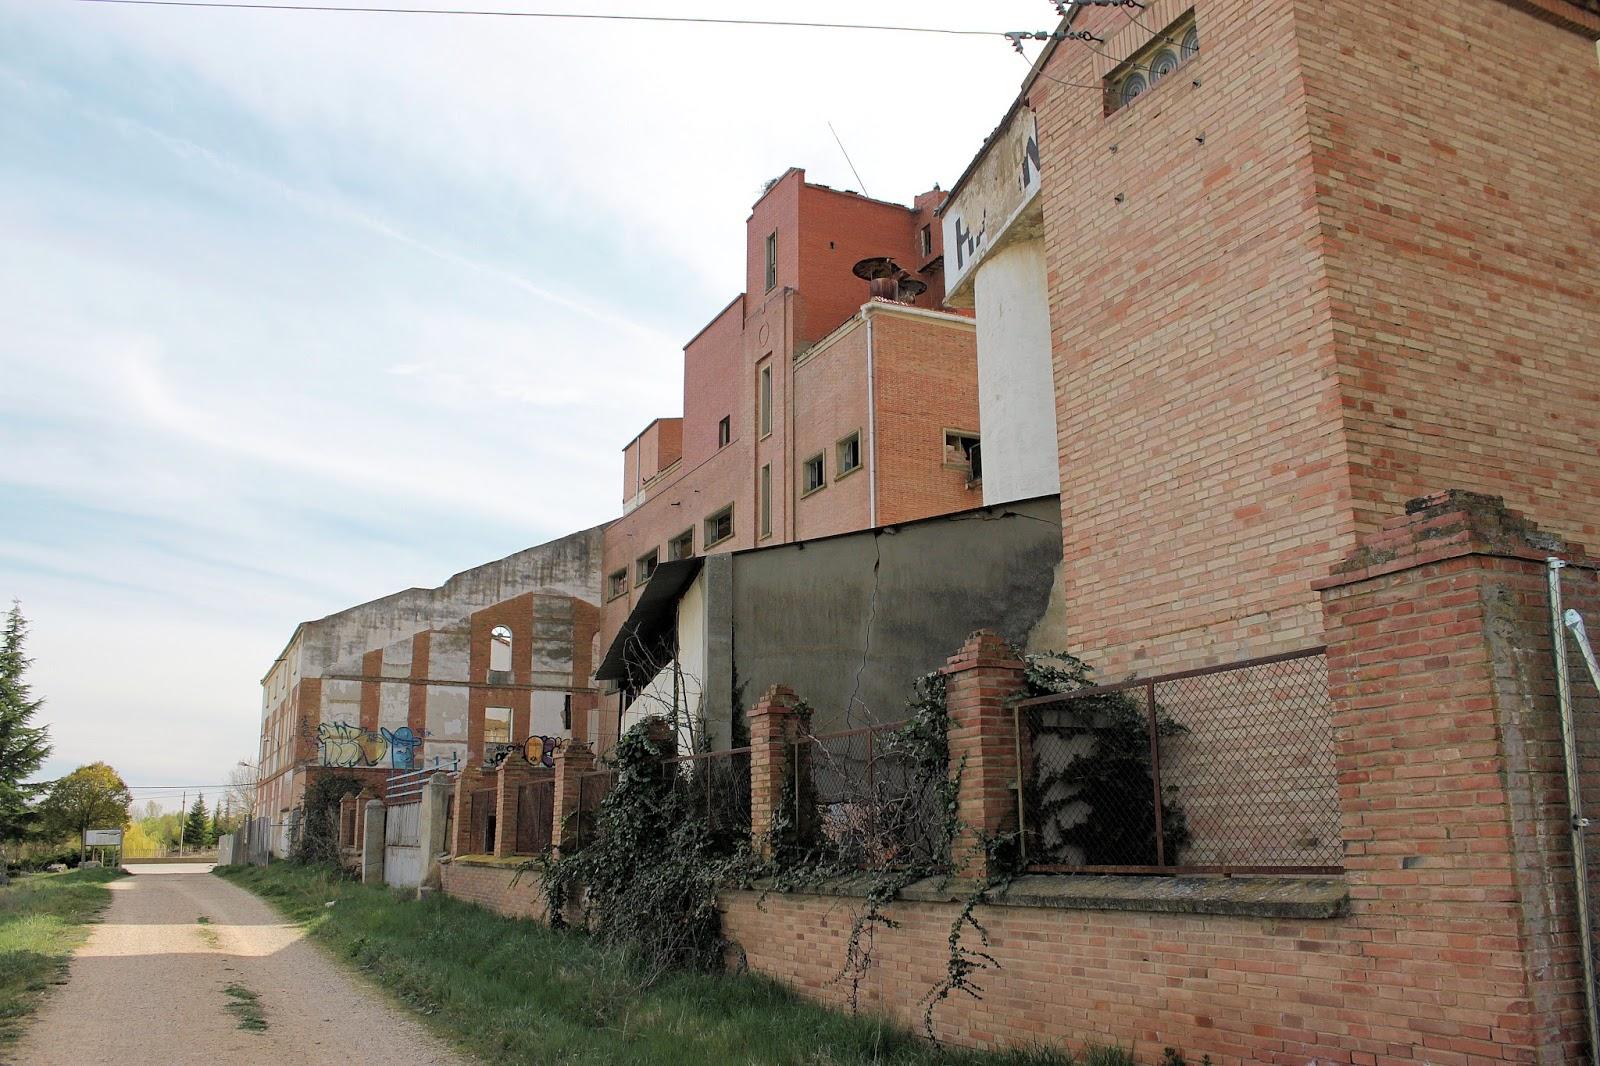 Fabrica de harinas Villamuriel